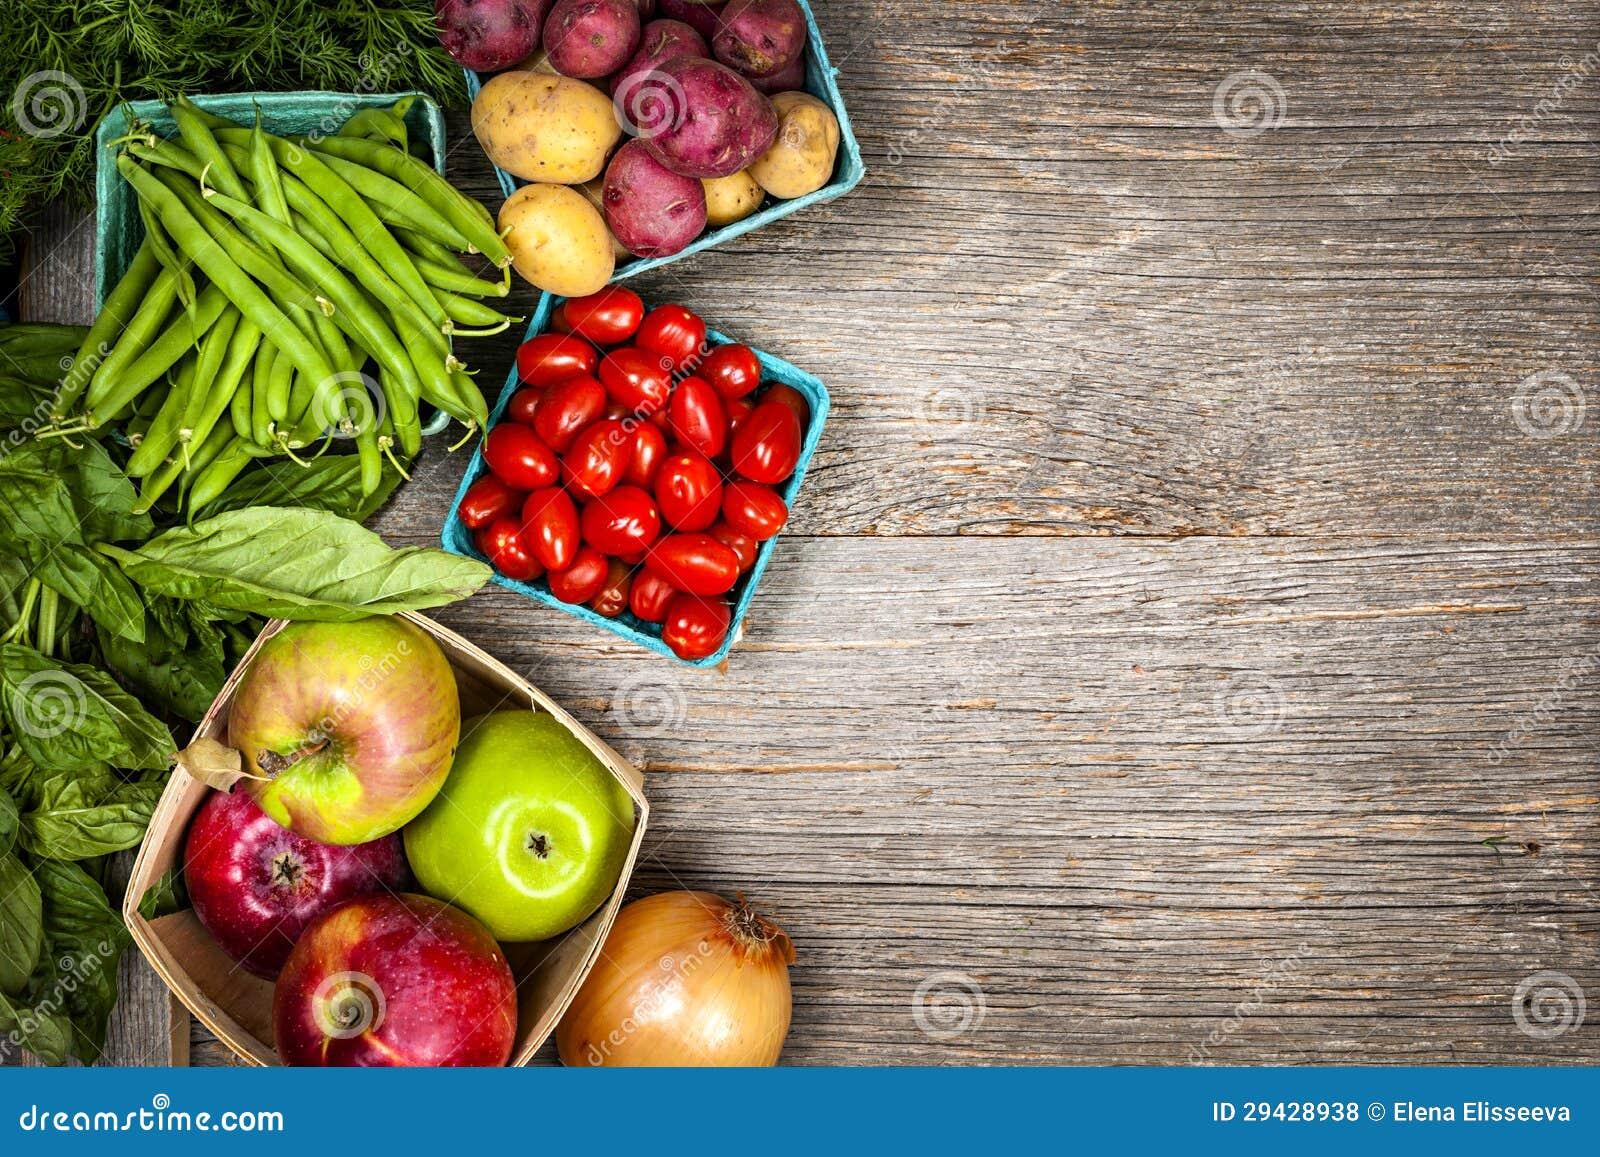 Фрукты и овощи свежего рынка